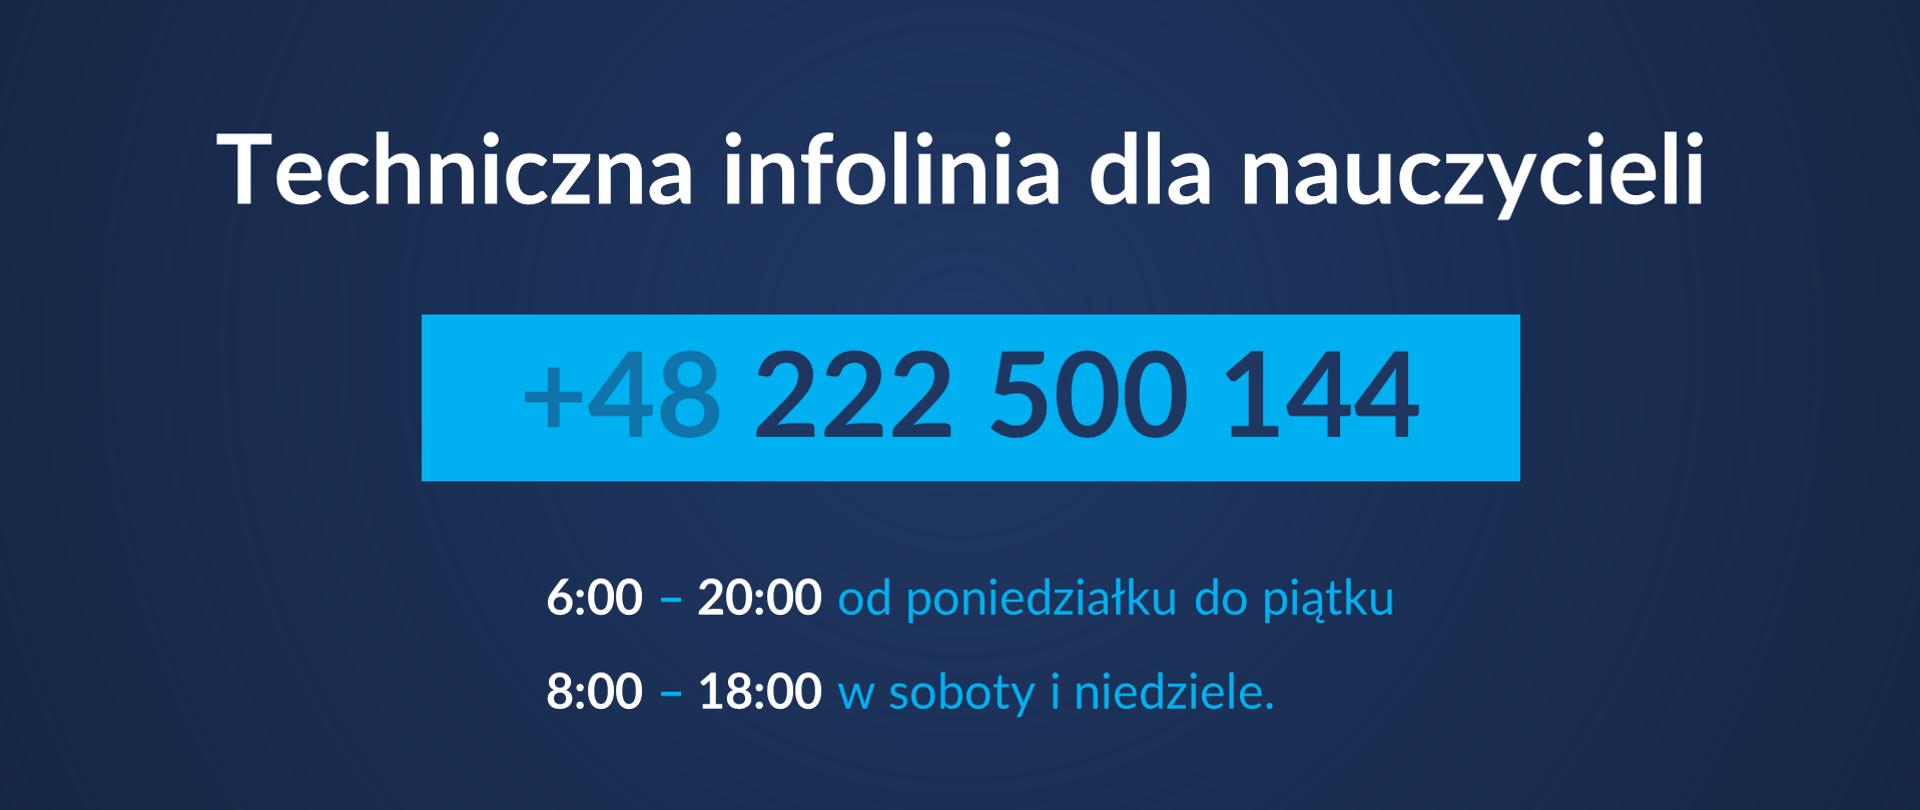 Granatowa grafika z numerem telefonu technicznej infolinii dla nauczycieli: +48 222 500 144. Poniżej informacja o godzinach działania infolinii: 6:00-20:00 od poniedziałku do piątku, 8:00-18:00 w soboty i niedziele.